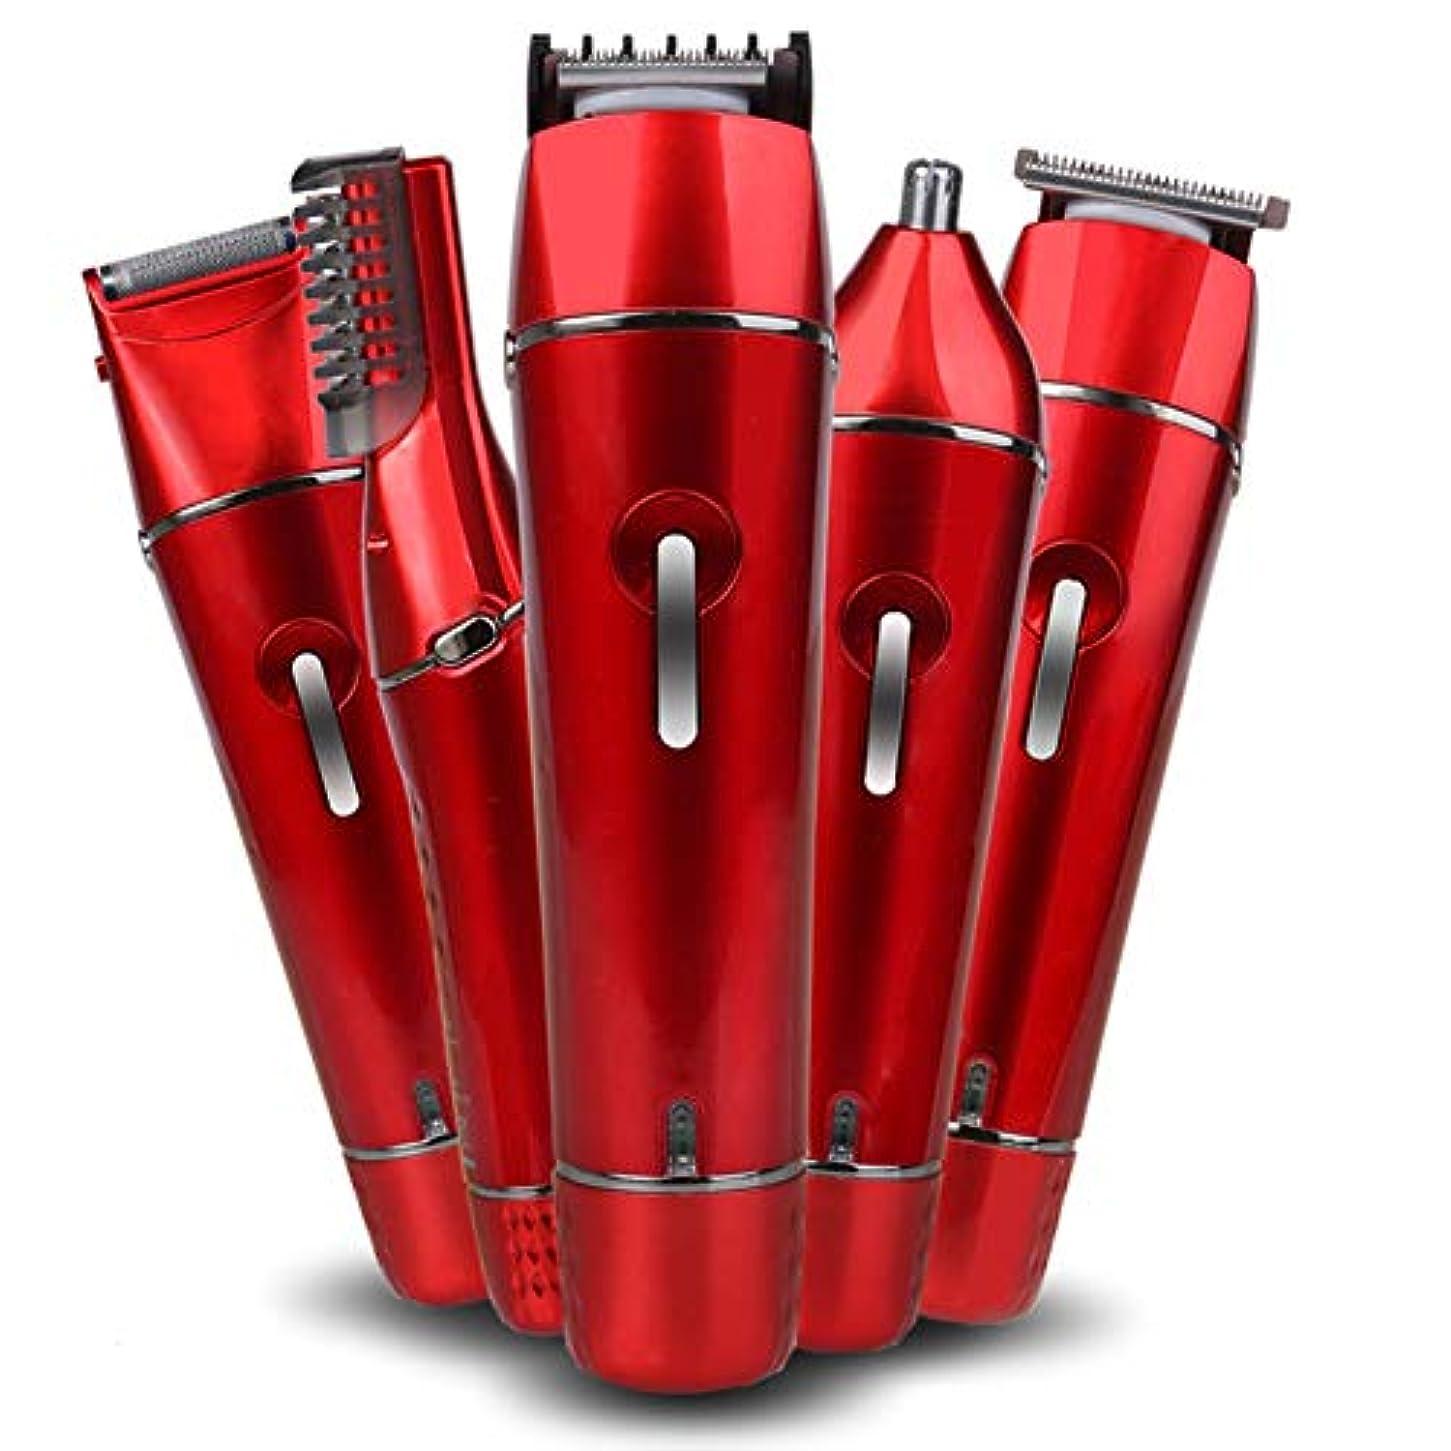 敬な新しい意味落ち込んでいる女性のヘアリムーバー、5 in 1 USB充電式レディース電気シェーバー、女性用かみそりビキニトリマー、顔/ボディ/脇下/脚用,Red